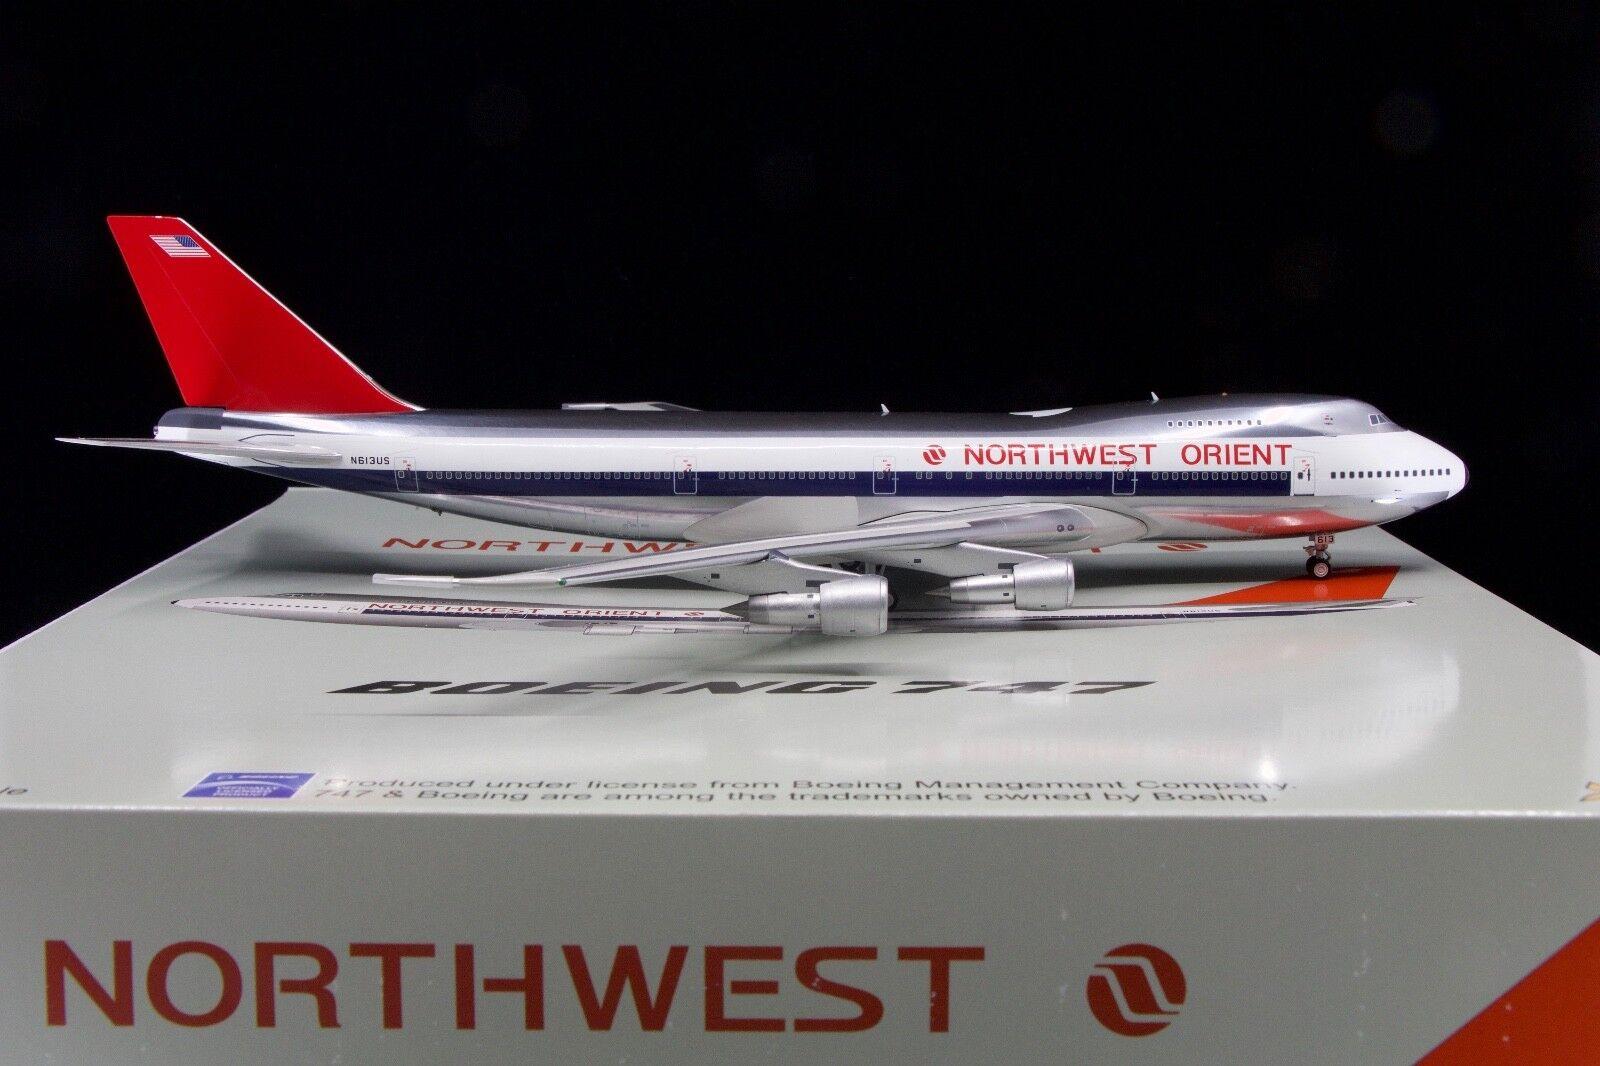 JFOX 1/200 Northwest Orient Airlines 747-200 N613US